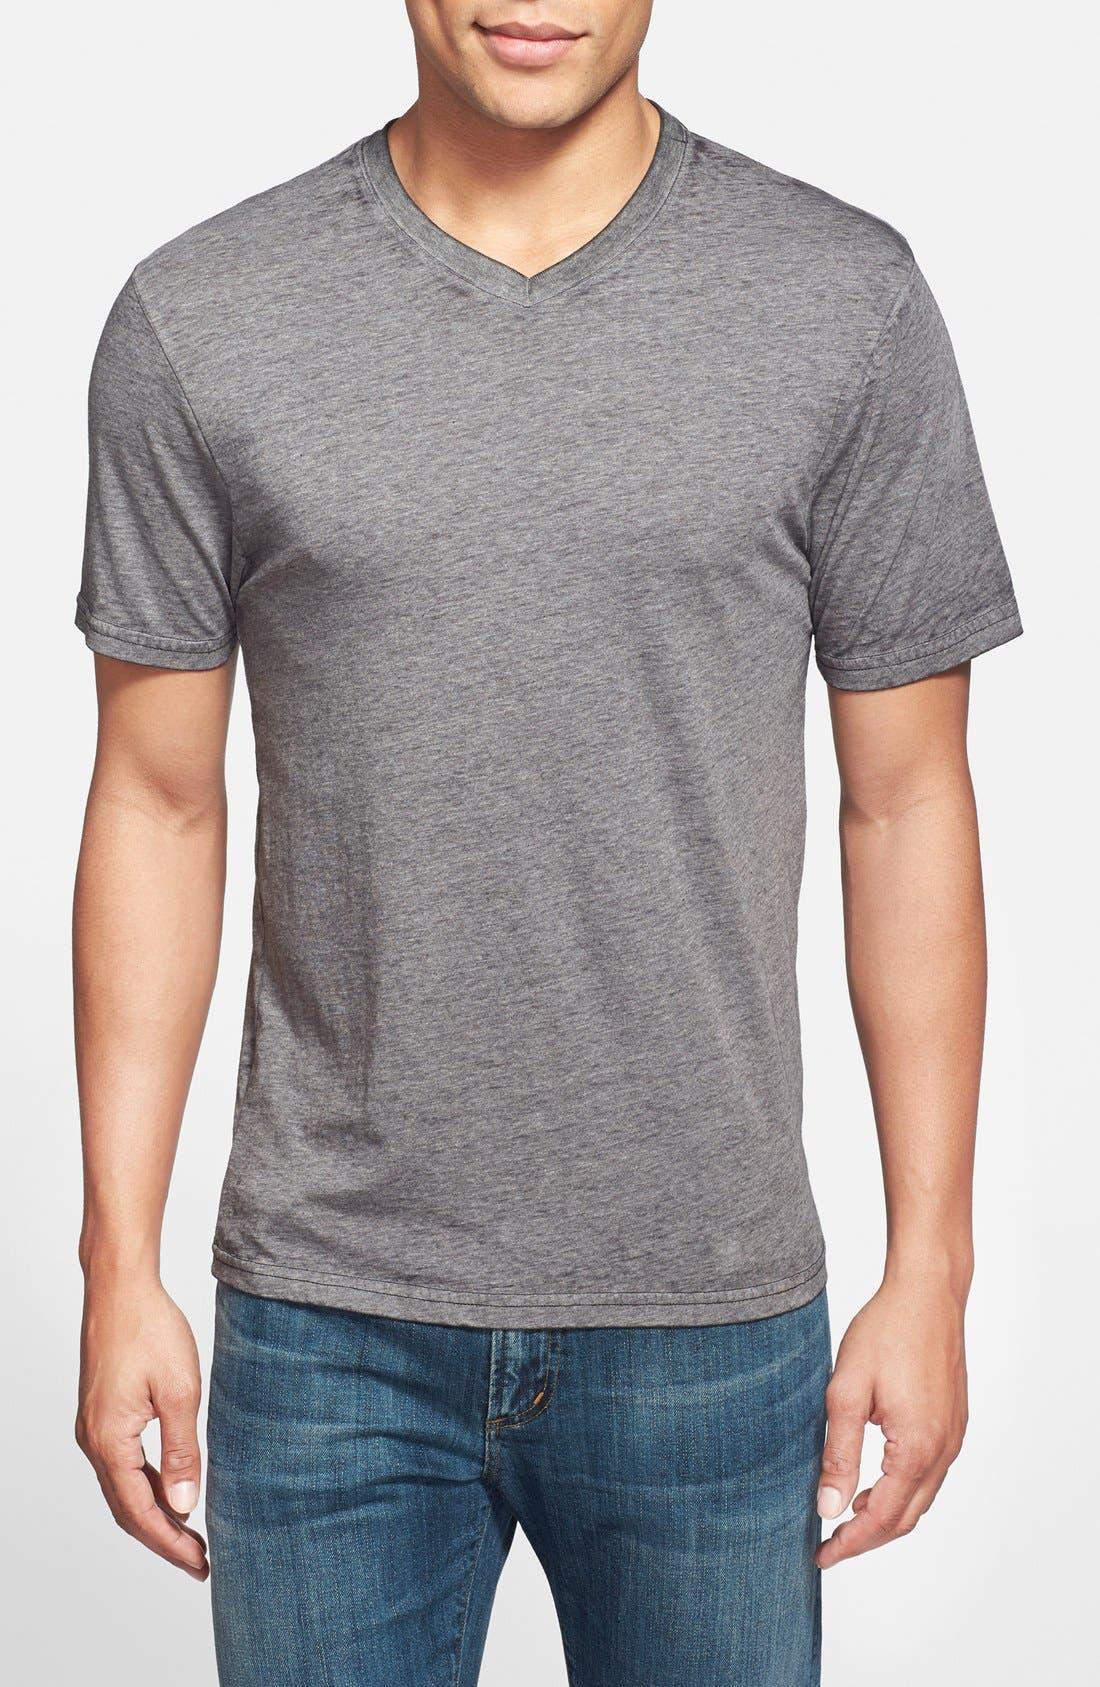 Main Image - Red Jacket Trim Fit V-Neck T-Shirt